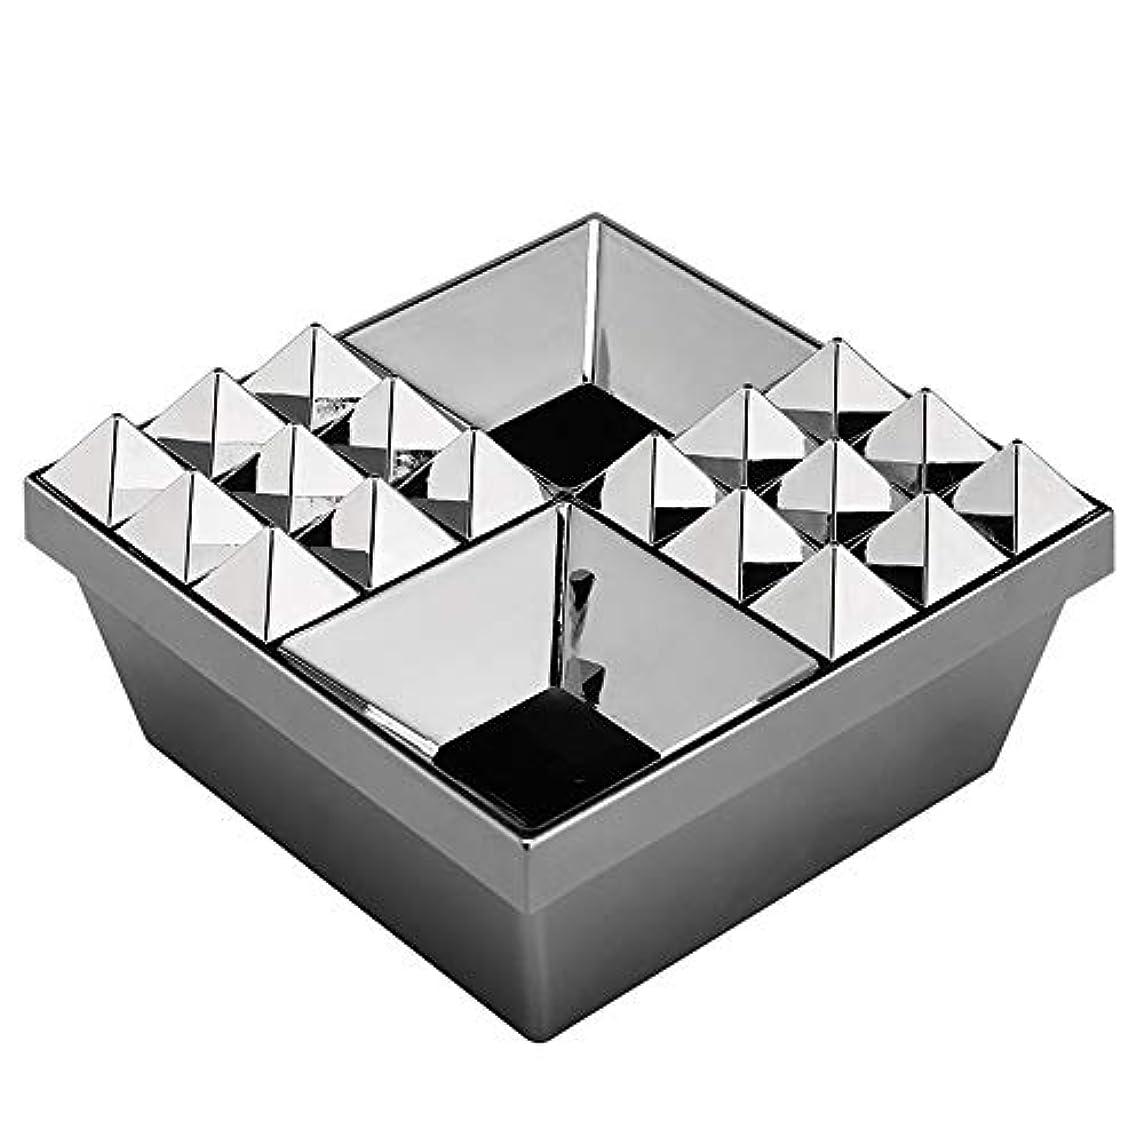 勝者適度にティーンエイジャーふたの家の装飾とタバコの創造的な灰皿のための灰皿 (色 : 銀)